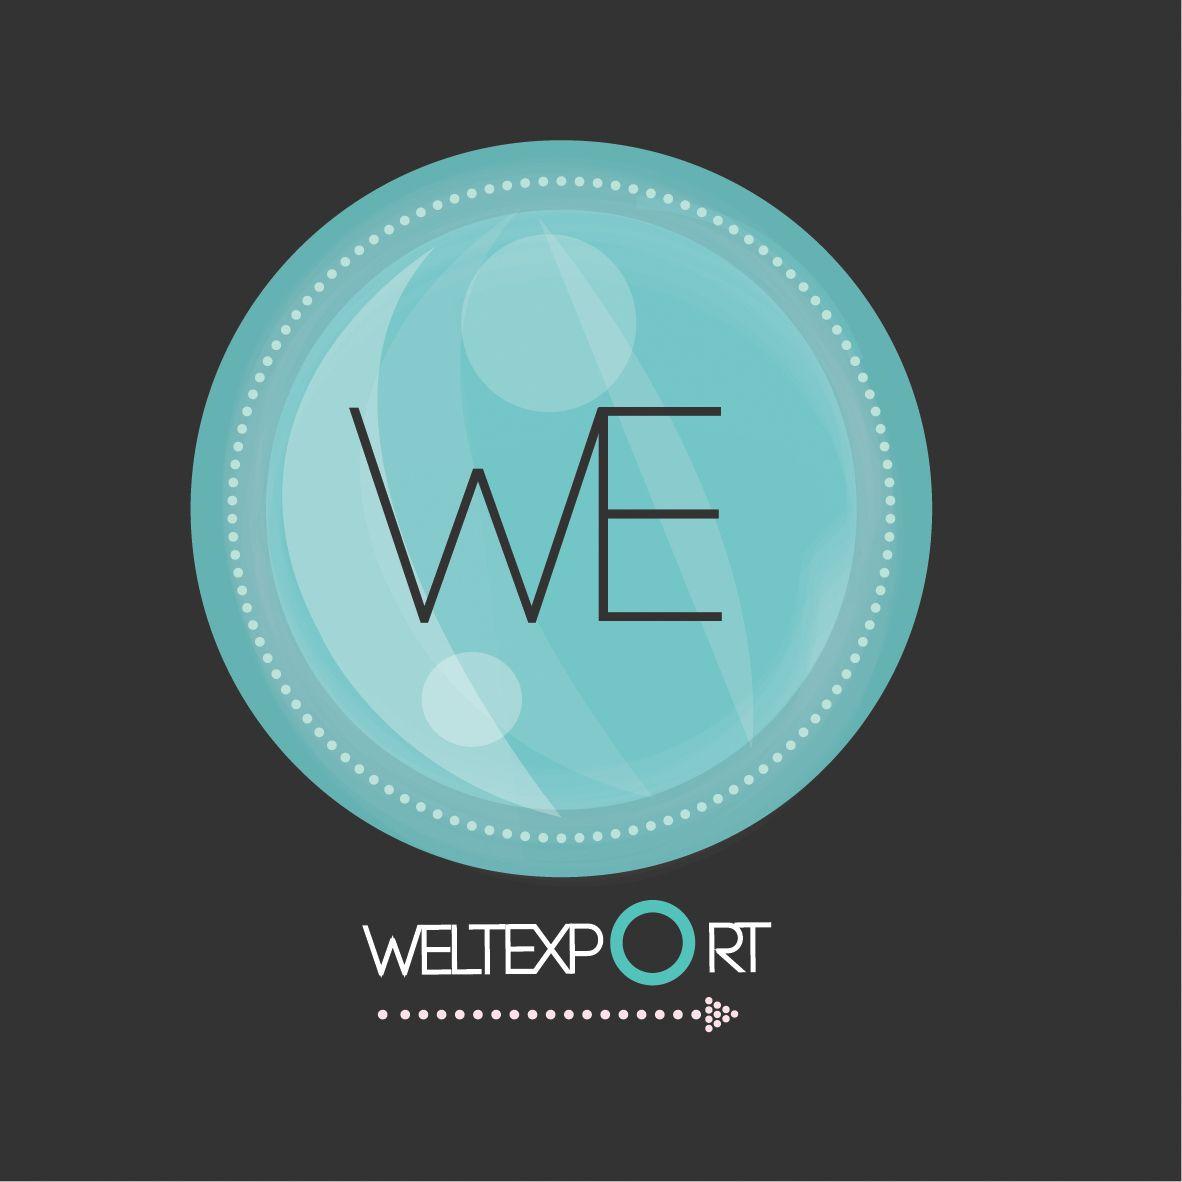 Logotipo corporativo para la empresa Escamexport. La inspiración es una burbuja de jabón que integre principios de movimiento y anti estático como misión de la empresa.